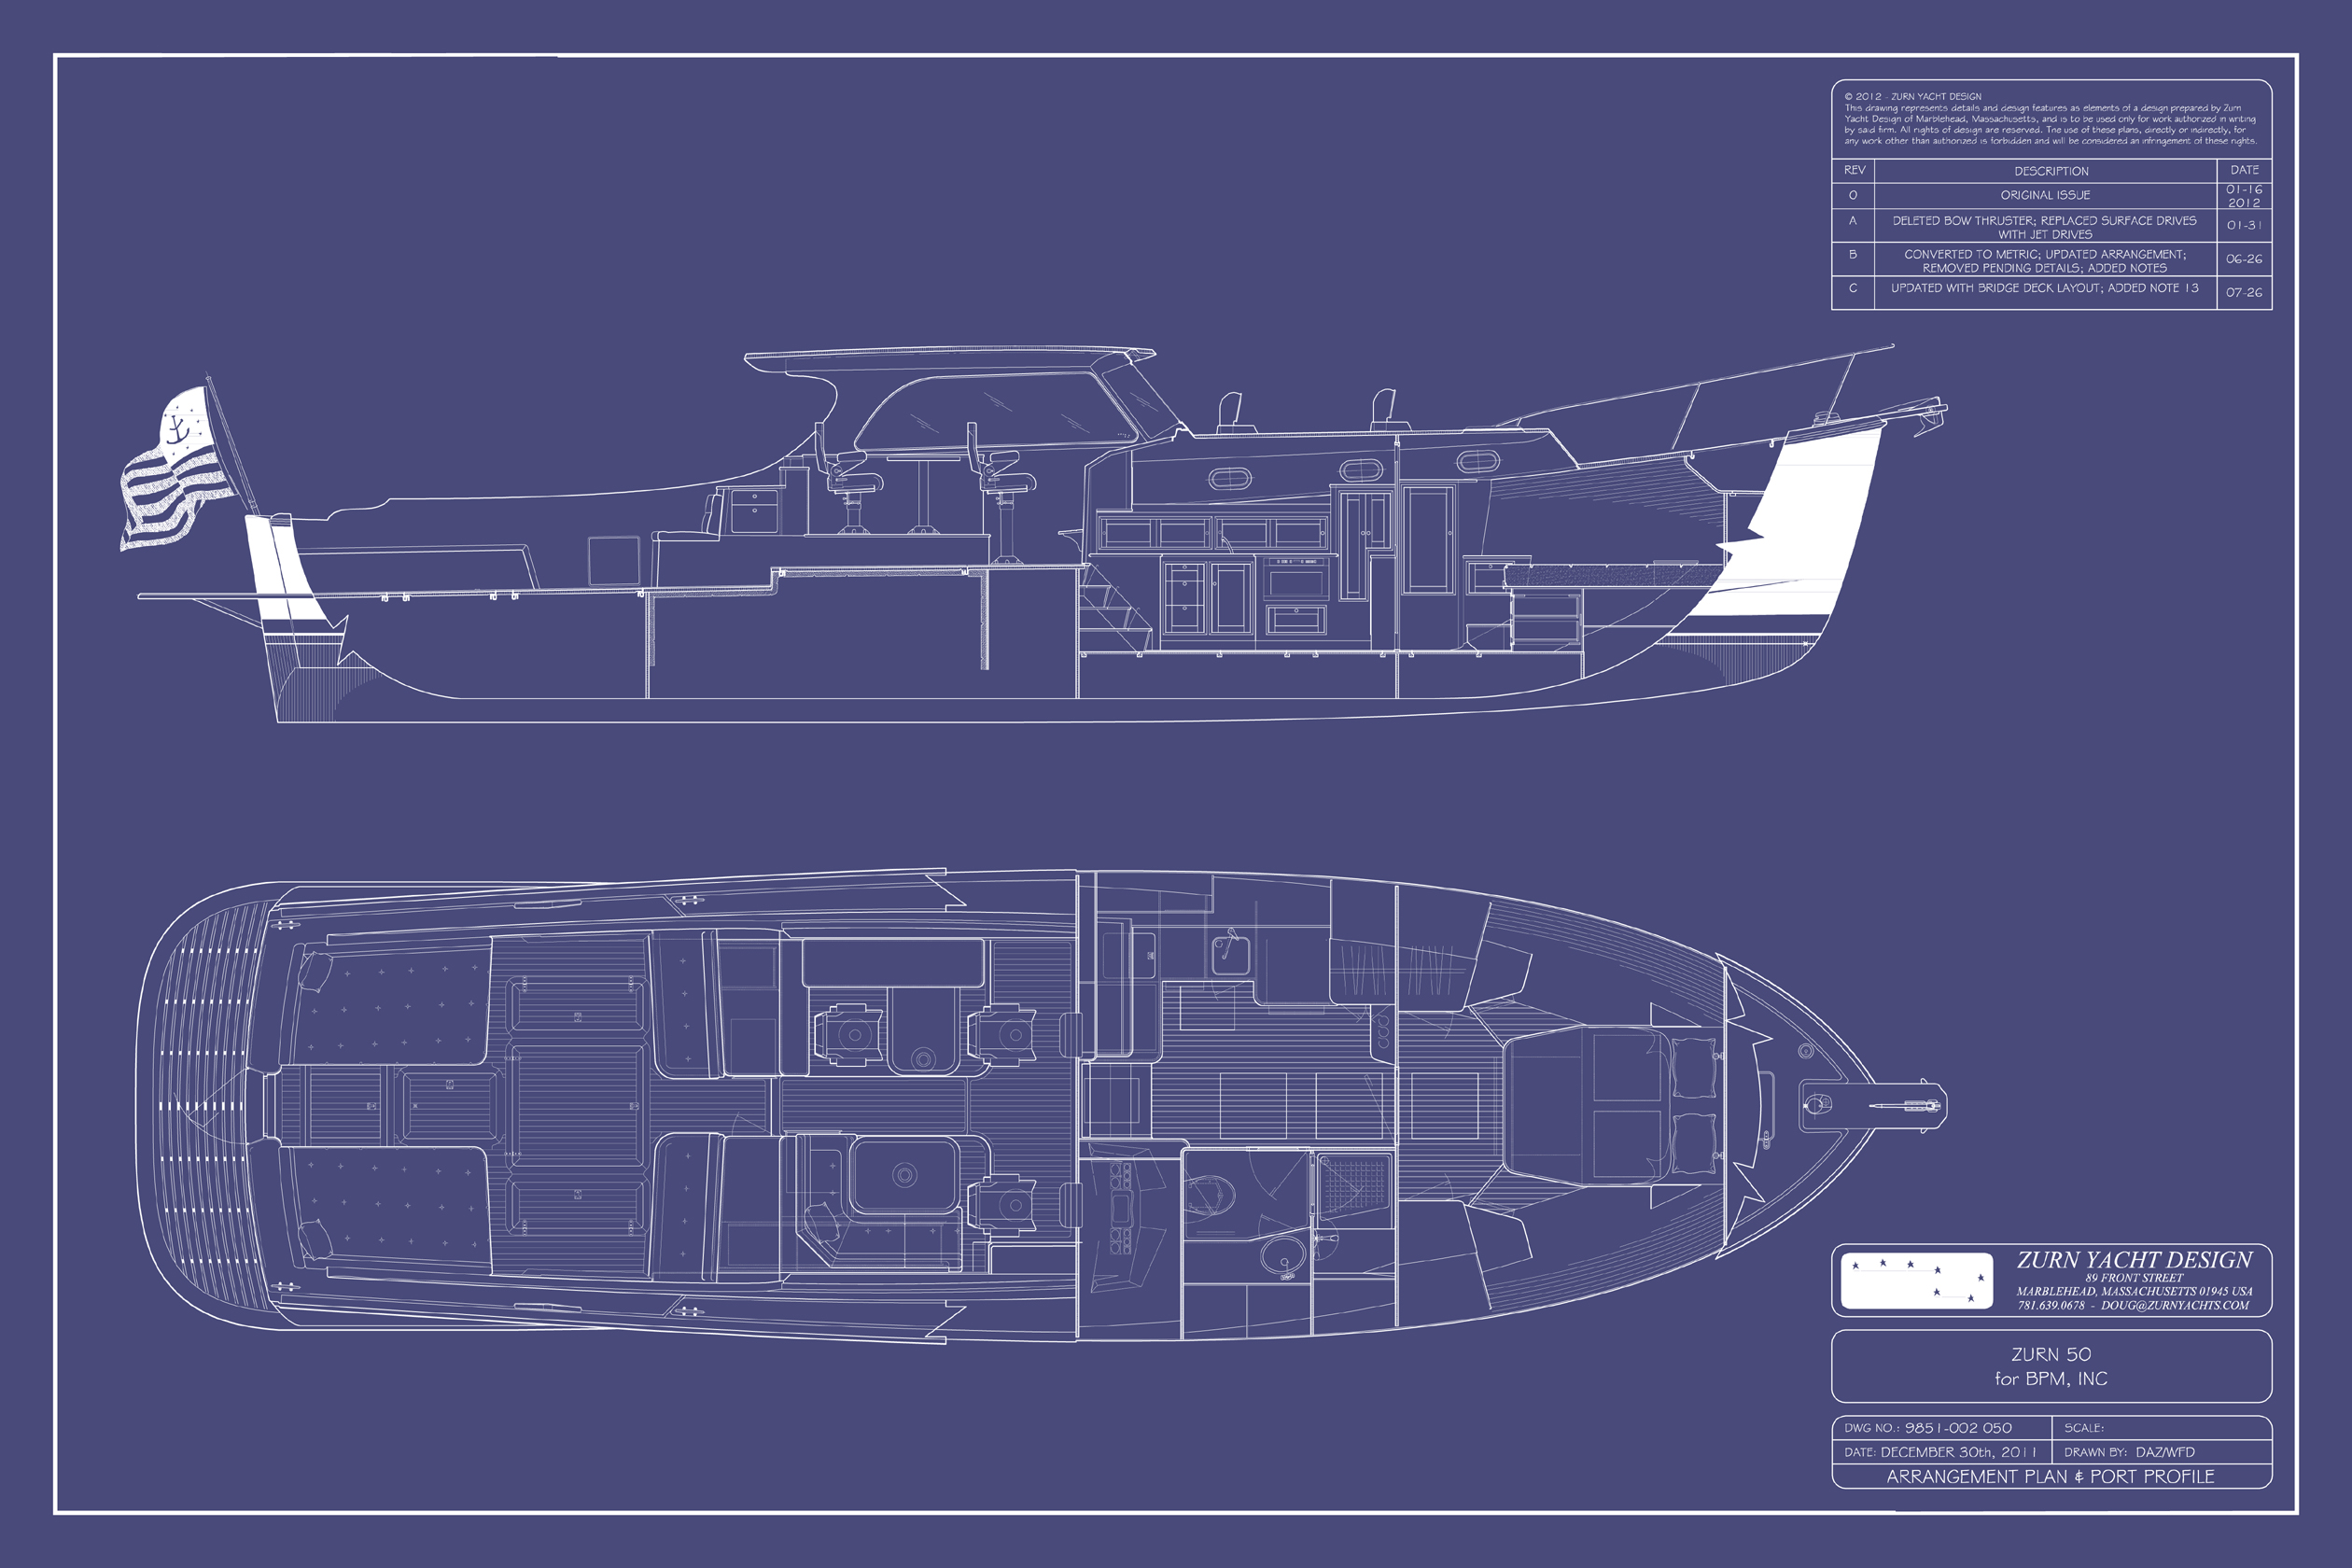 Zurn 50 | Zurn Yacht Design